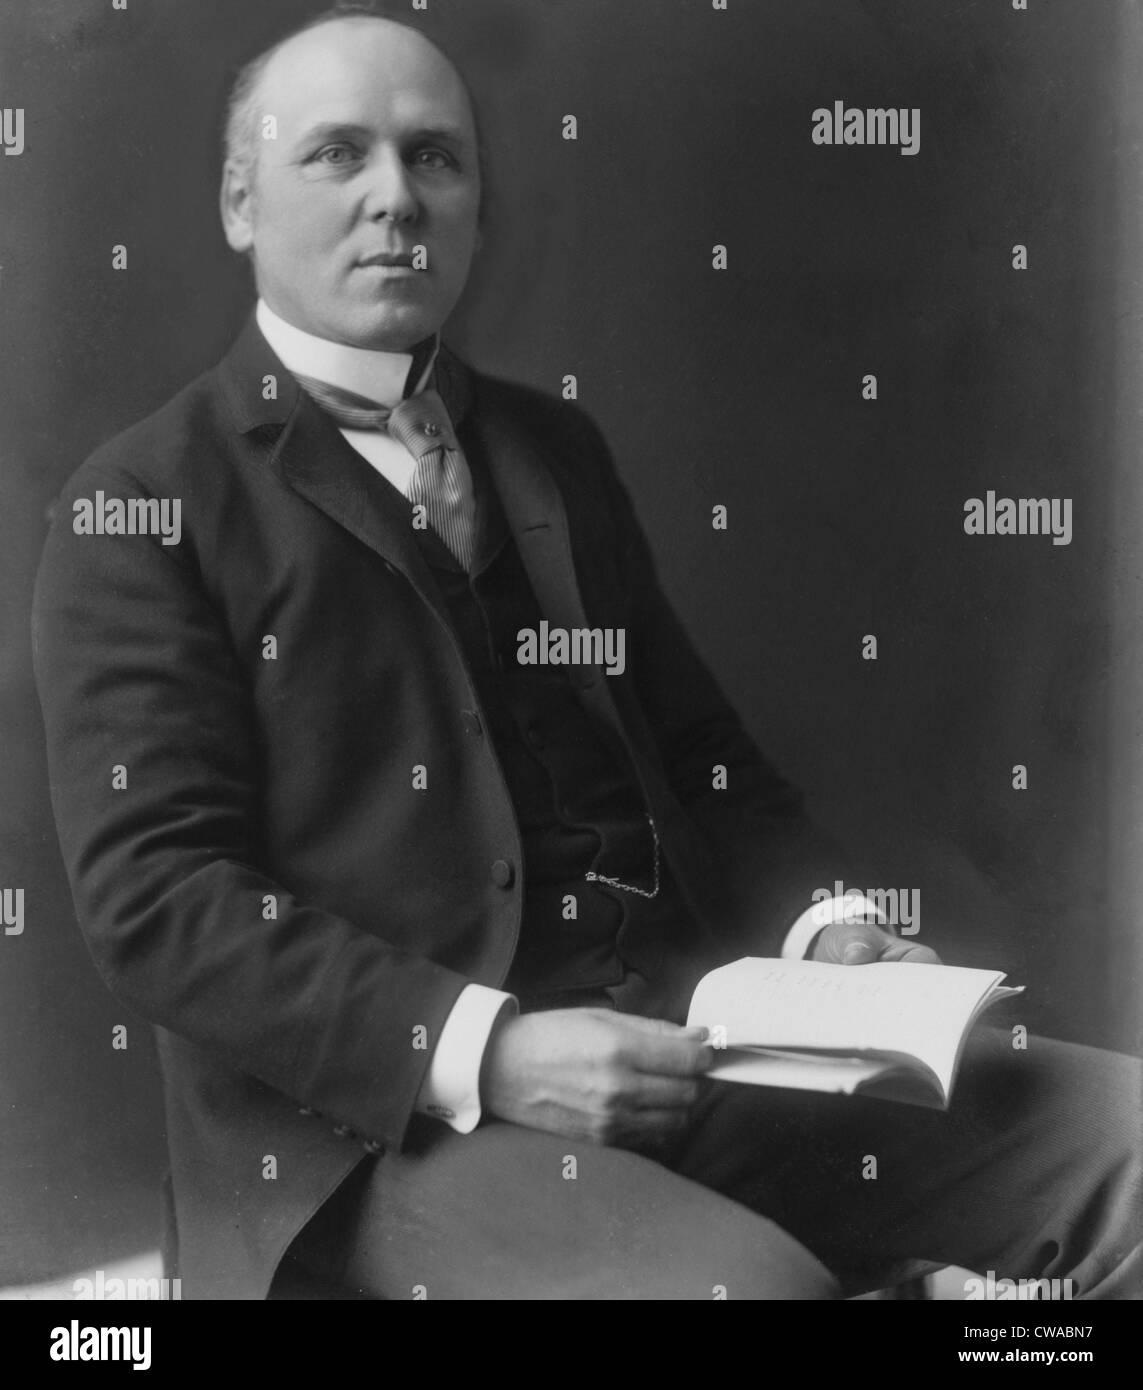 Howard Pyle (1853-1911) lo scrittore americano, pittore e illustratore, ha scritto e illustrato libri per bambini, Immagini Stock